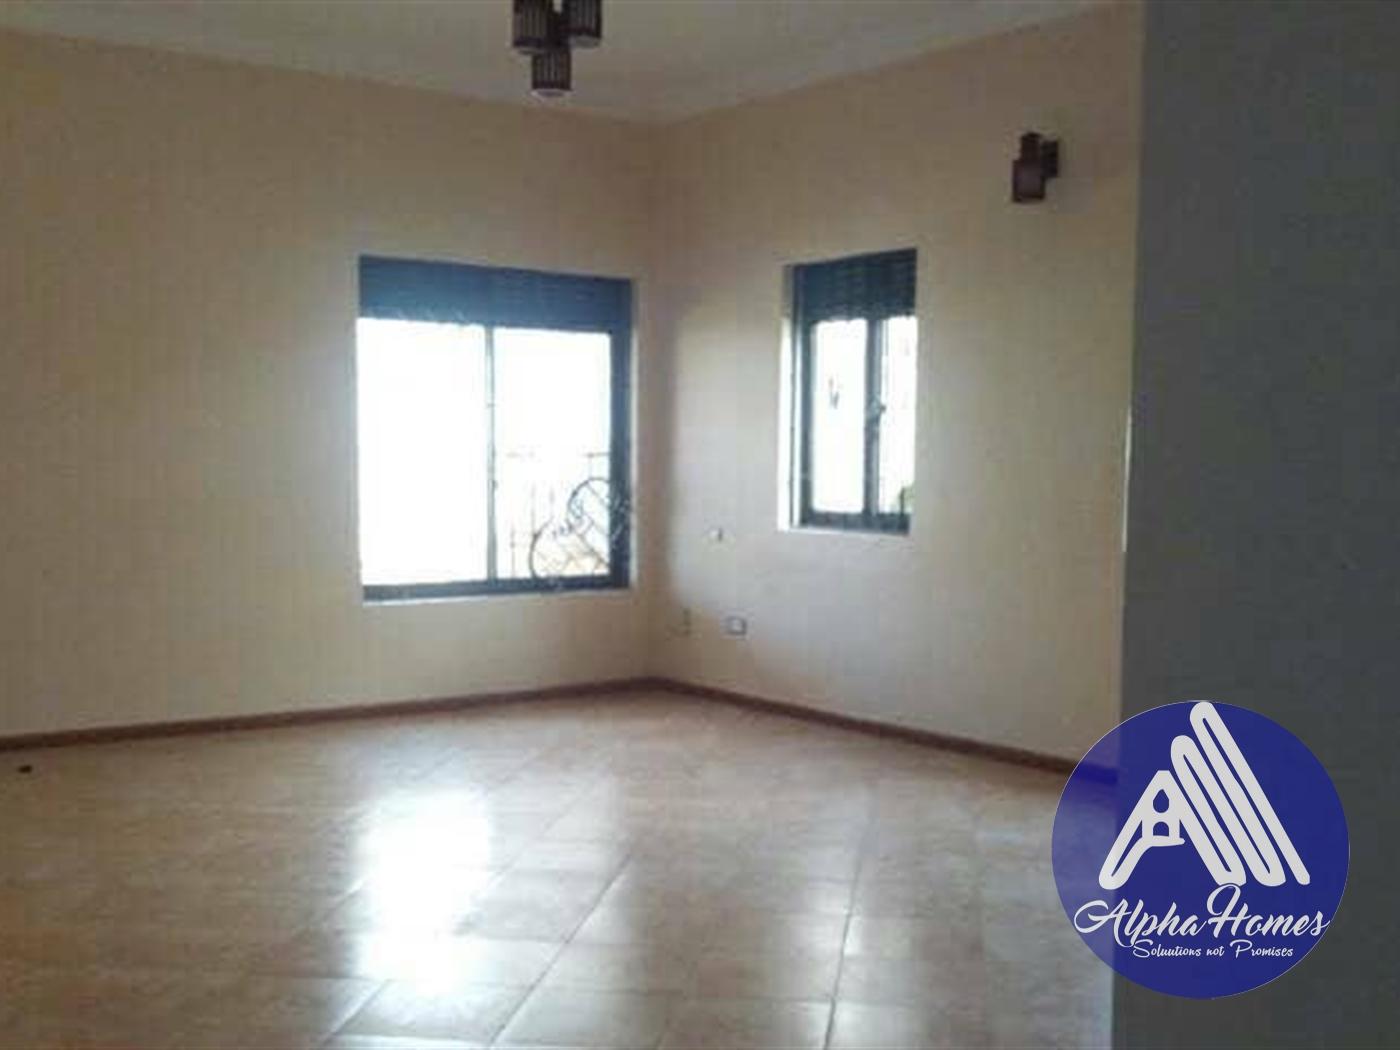 Apartment for rent in Muyenga Wakiso